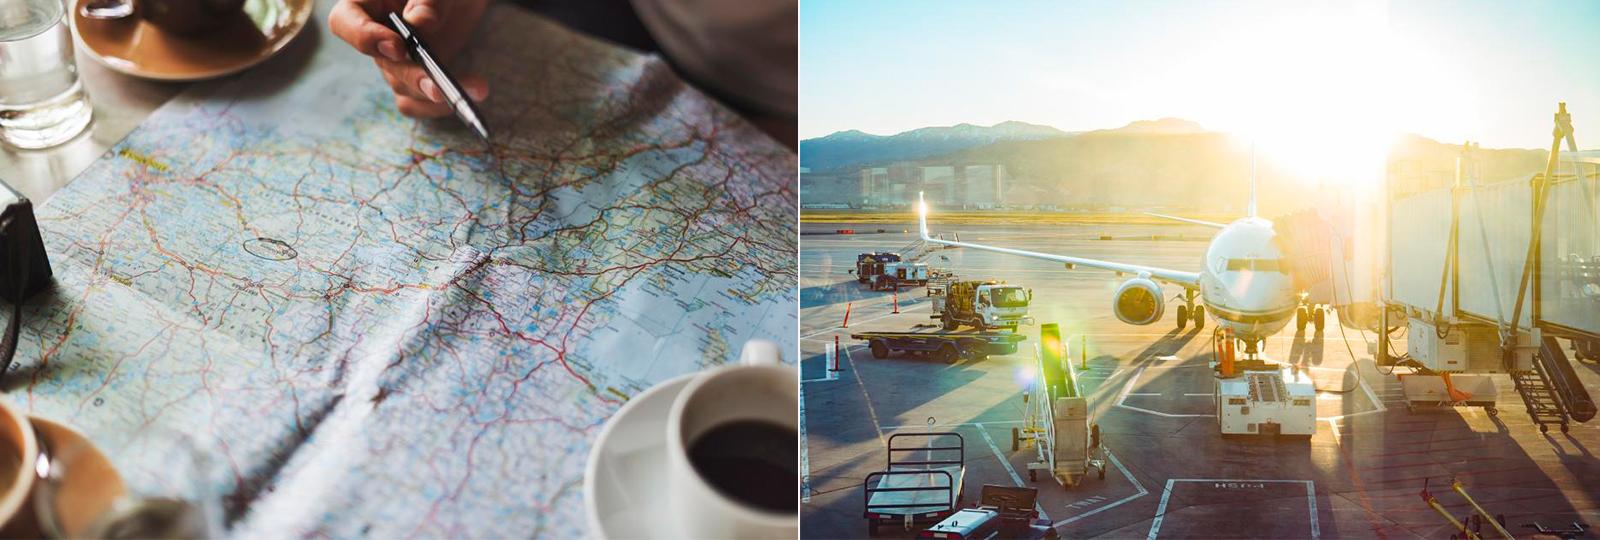 Com este site você monta o seu próprio guia de viagens personalizado